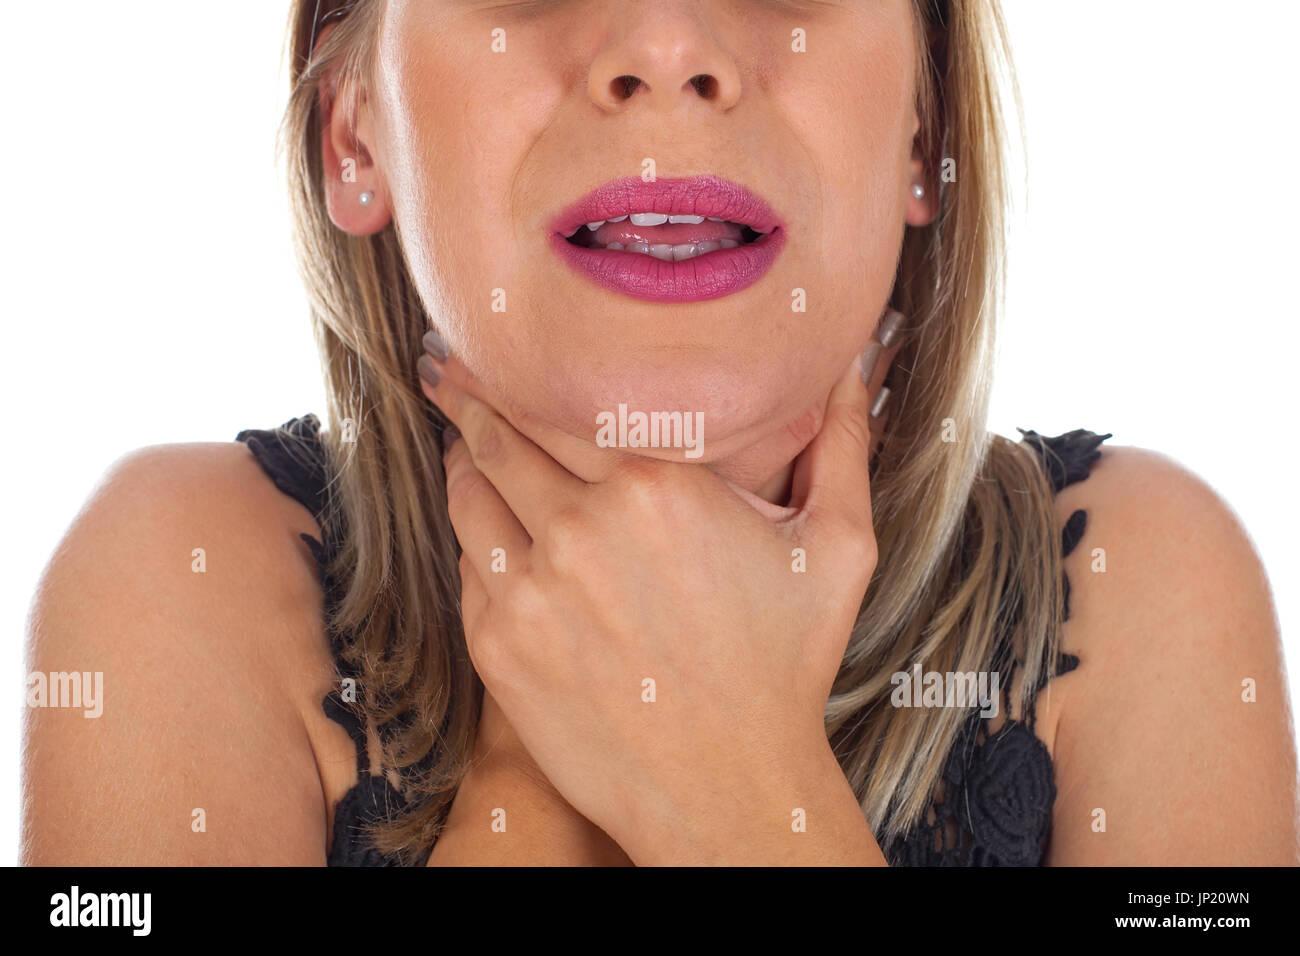 Imagen de mujer joven con dolor de garganta sosteniendo su cuello, comprobando las glándulas inflamadas - Antecedentes aislados Imagen De Stock